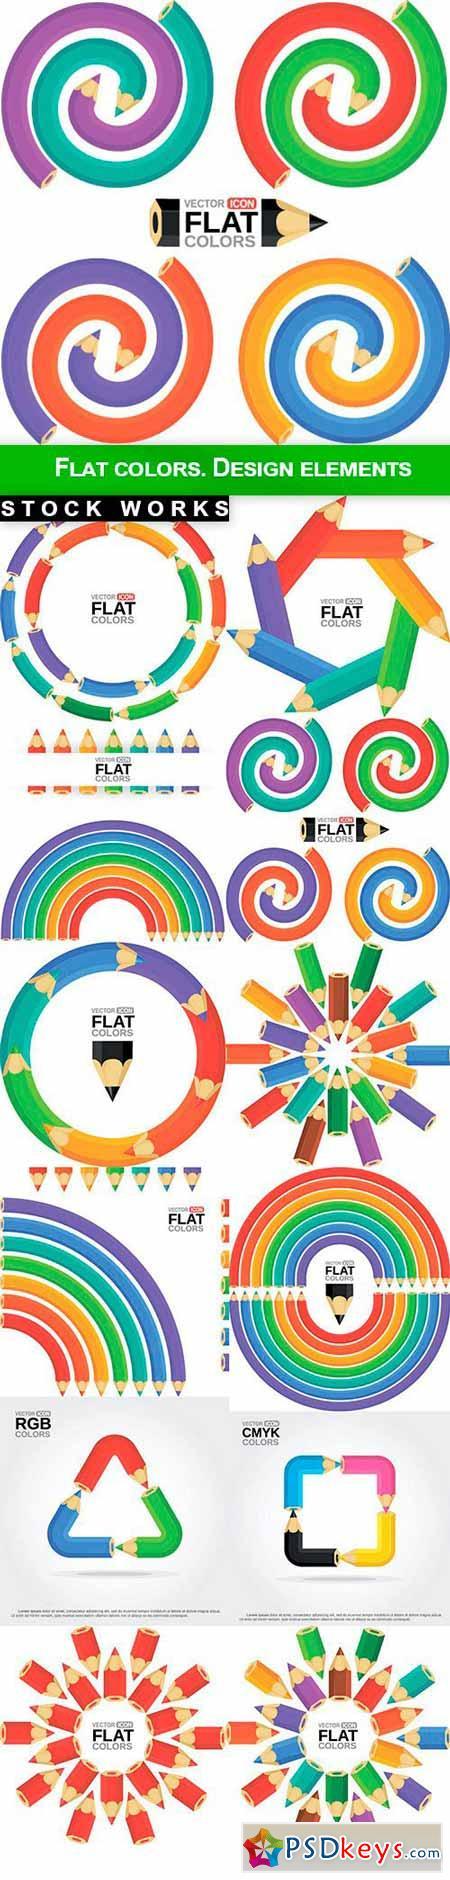 Flat colors. Design elements - 12 EPS